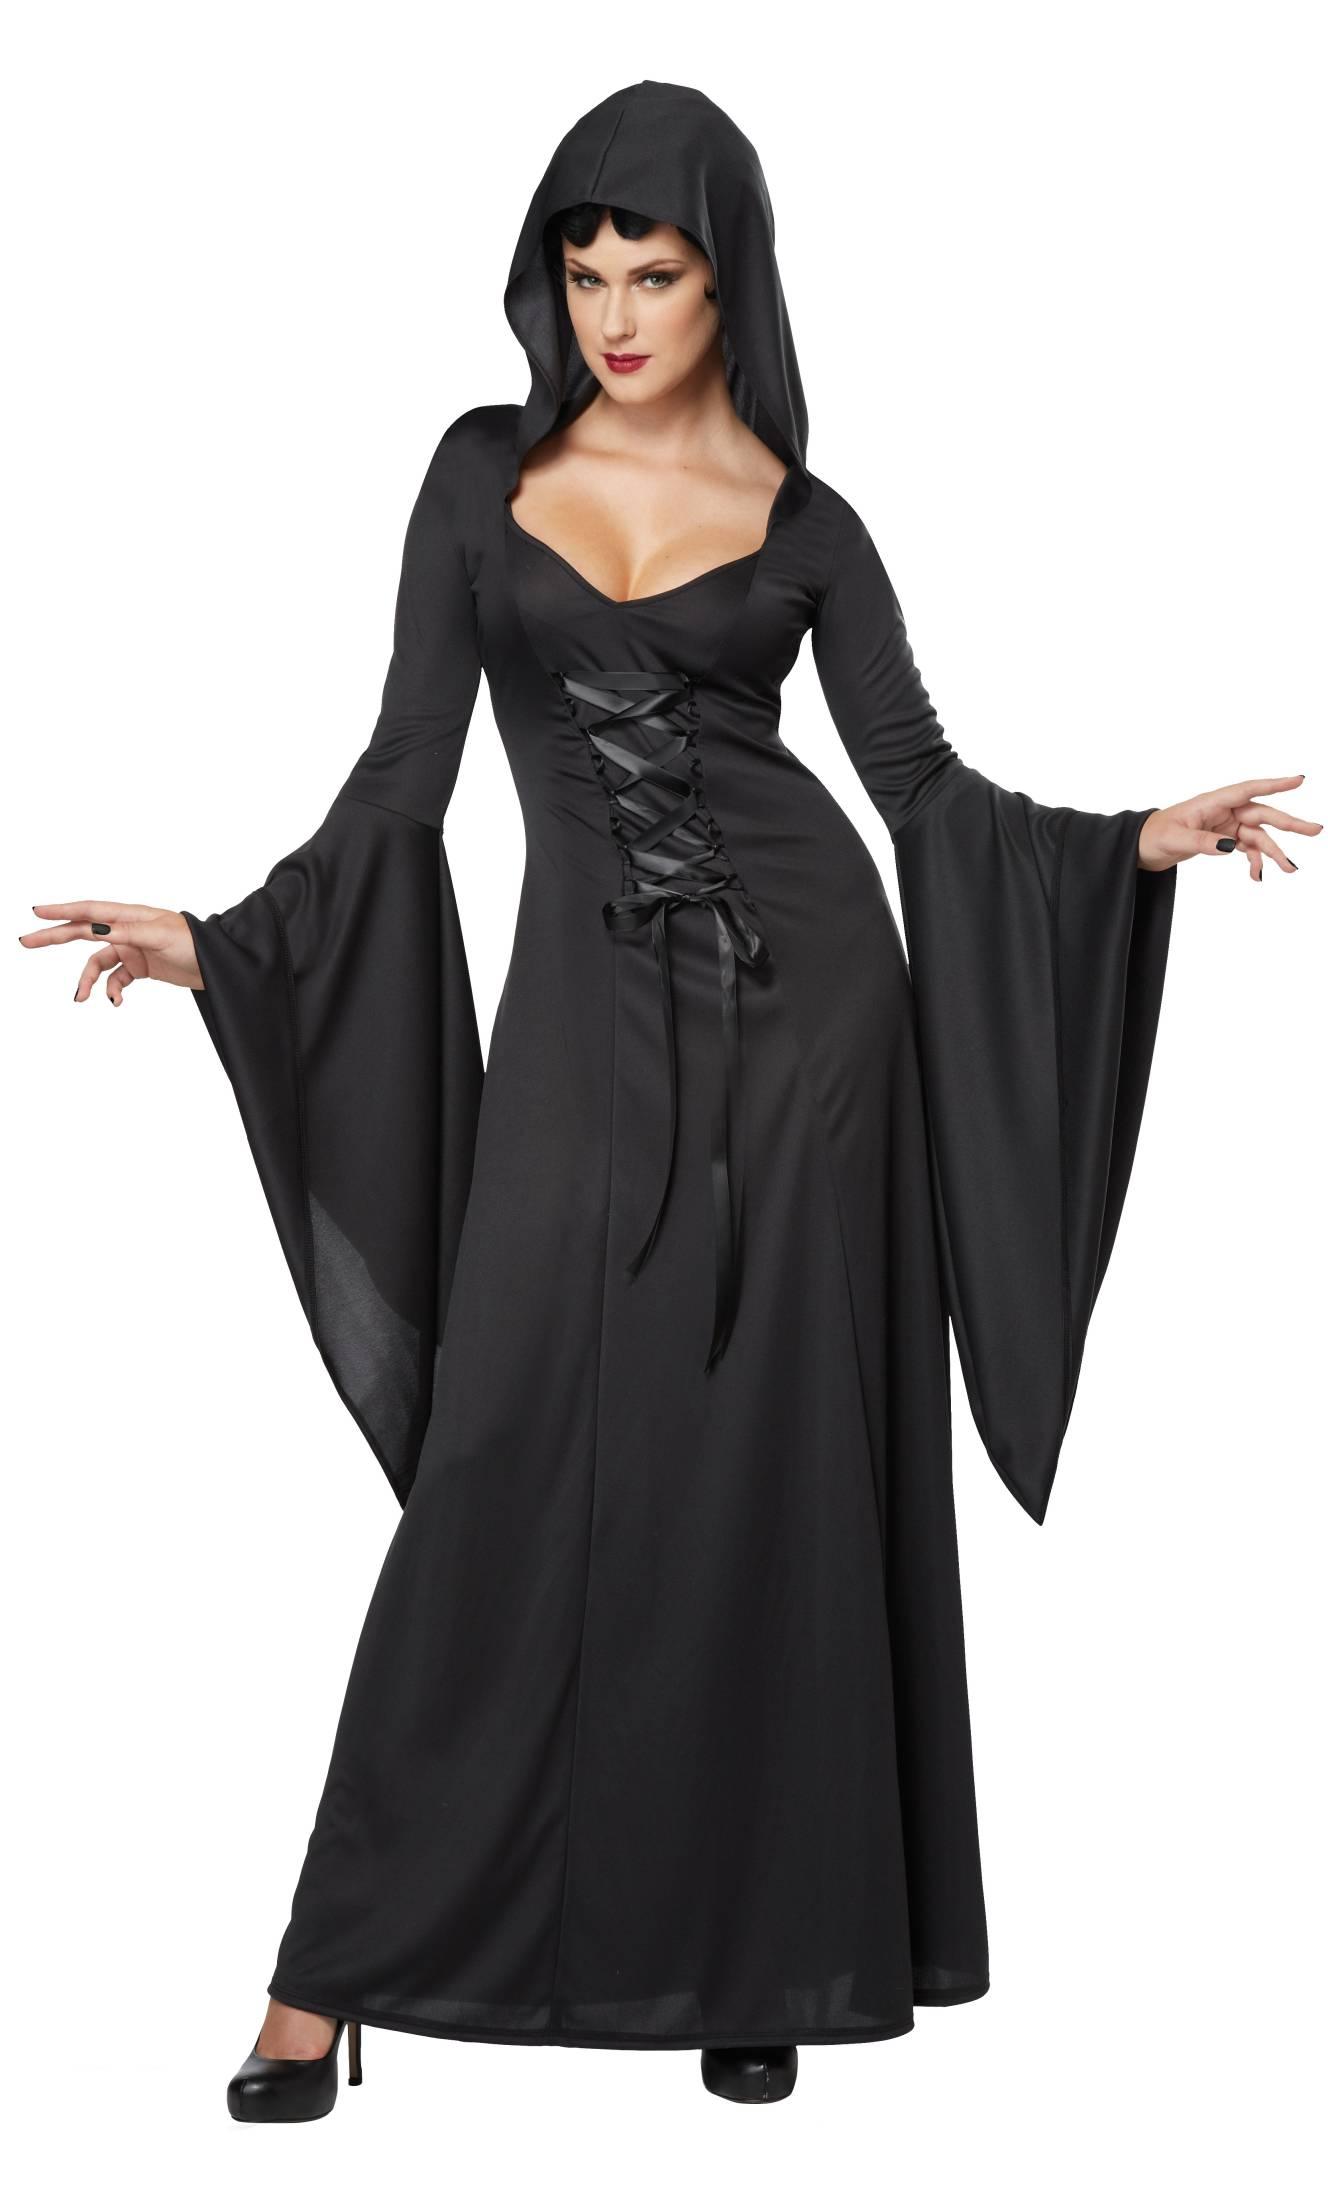 déguisement-de-sorcière-femme